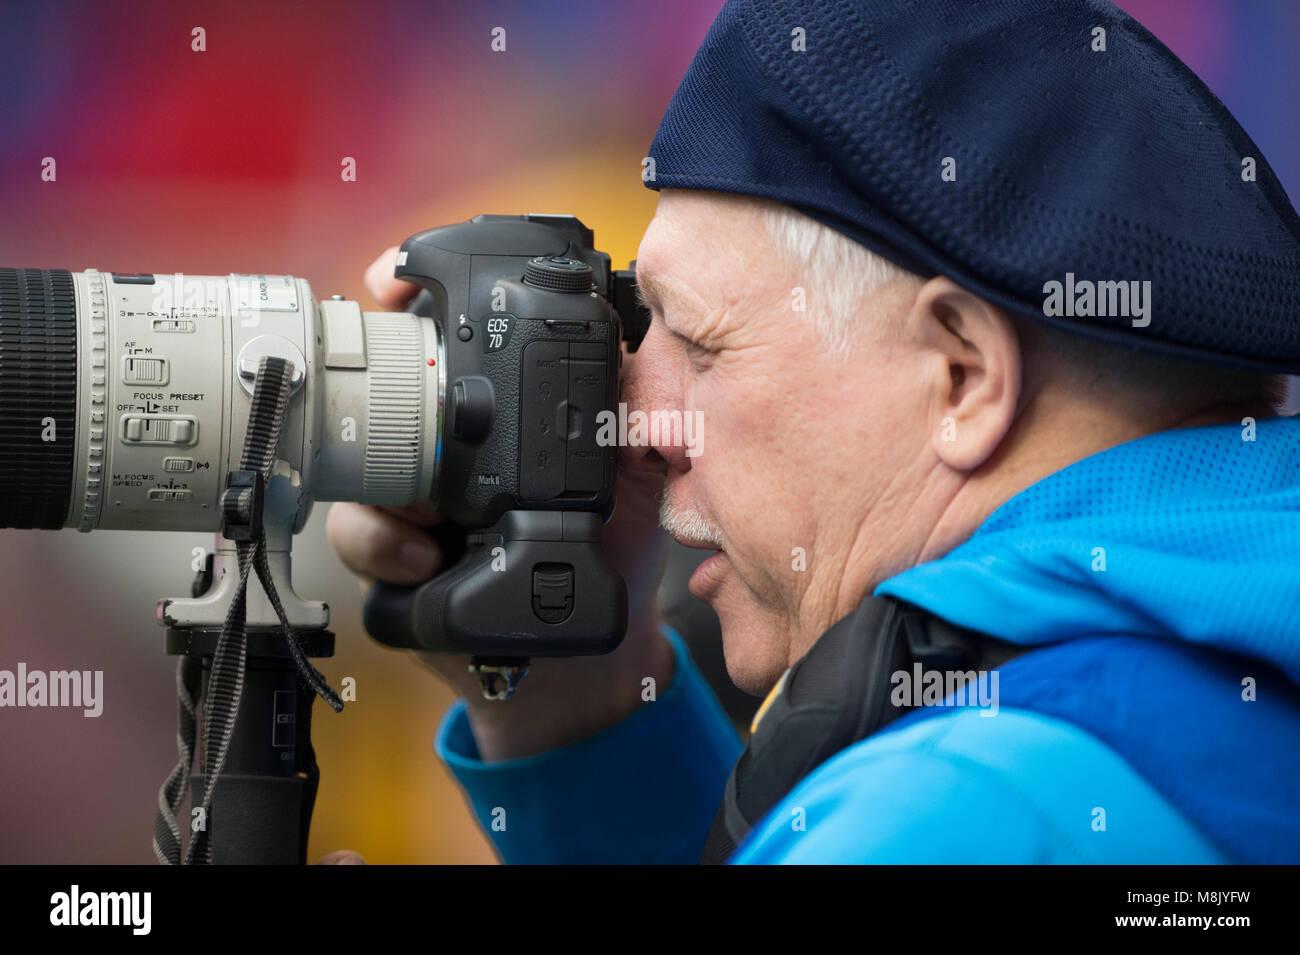 Fotografo professionista di guardare attraverso il mirino della fotocamera. Immagini Stock